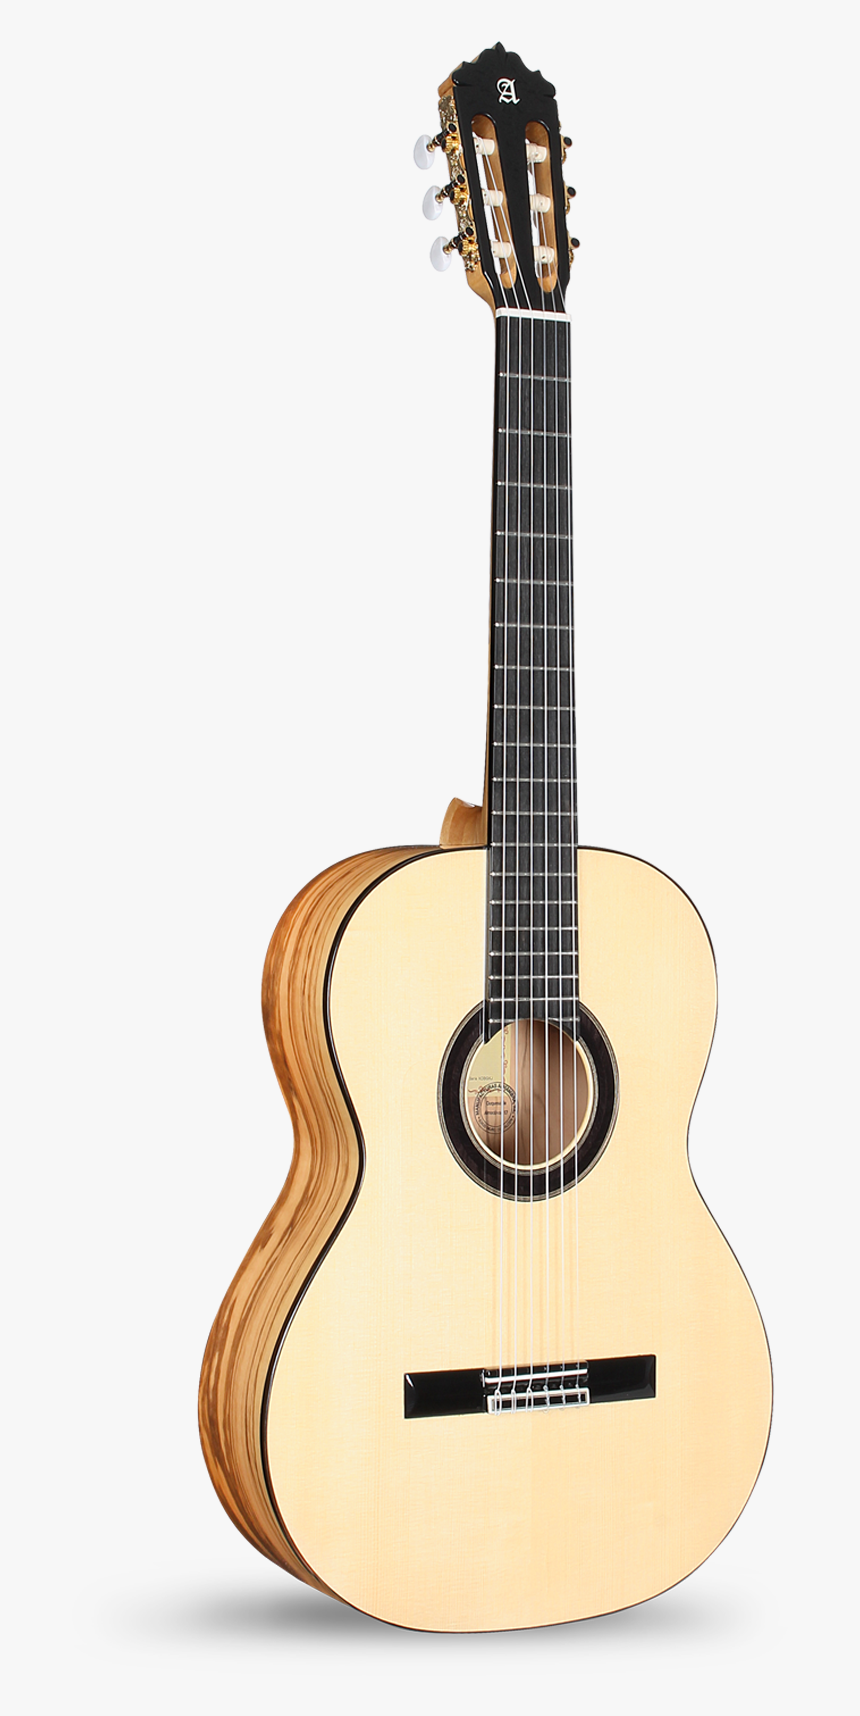 Flamenco Exotic Woods Alhambra Guitars - Guitar Flamenco Png, Transparent Png, Free Download